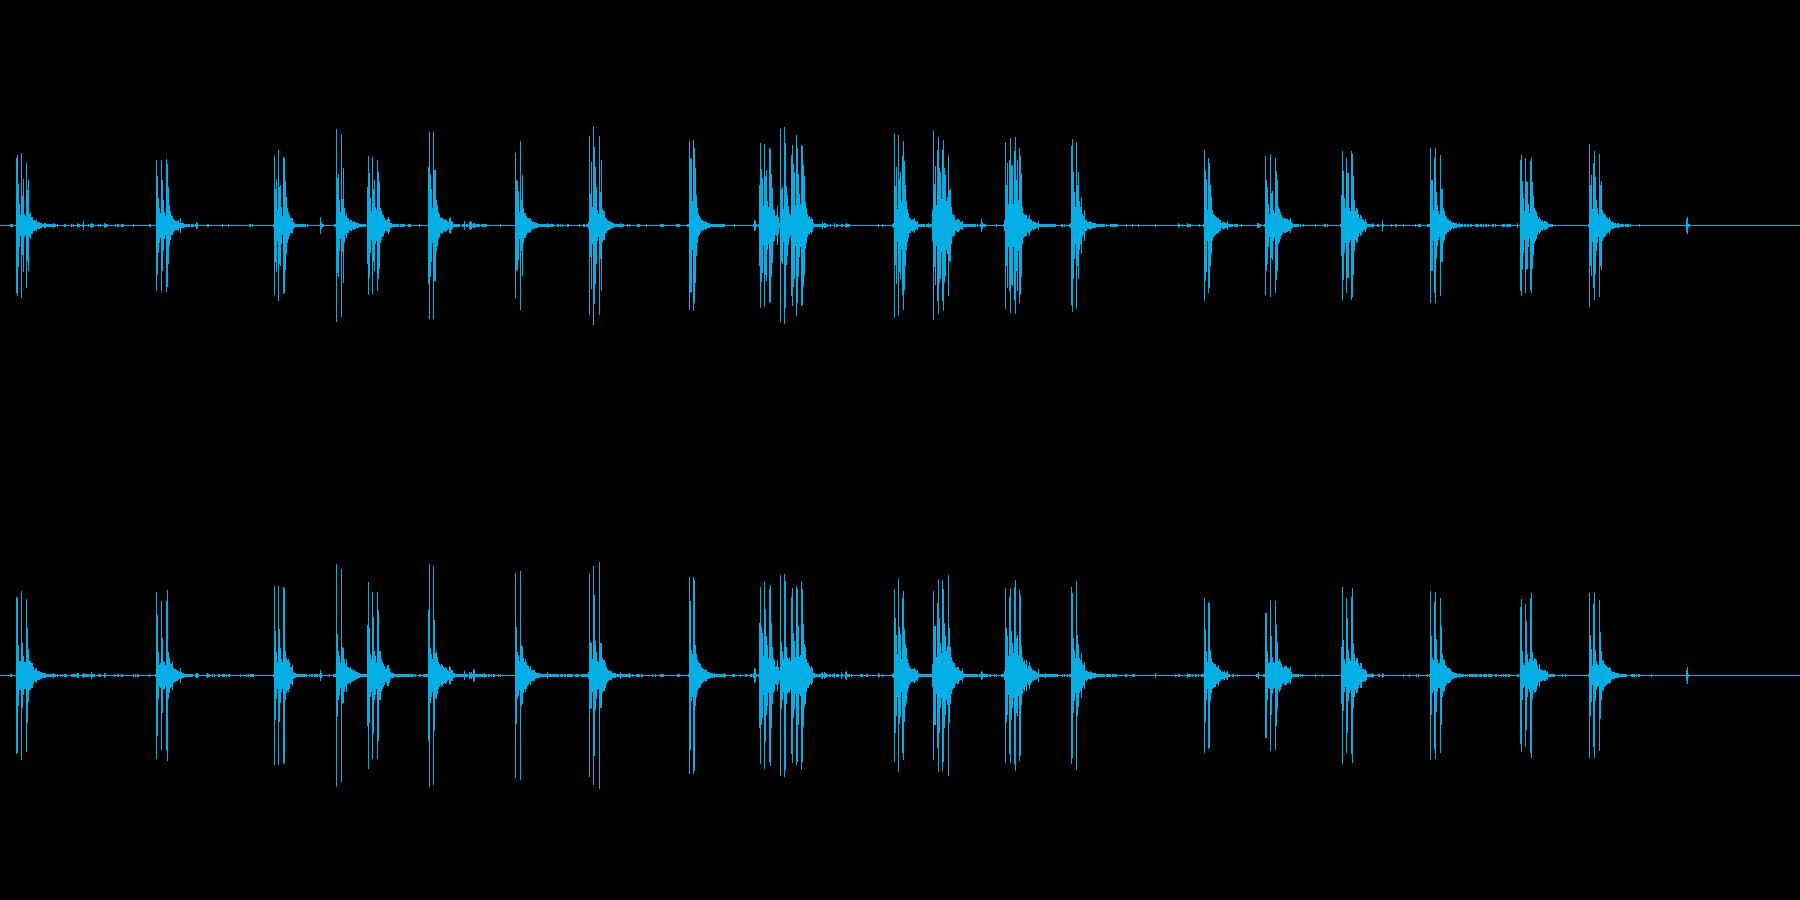 ミトライユバースト1の再生済みの波形